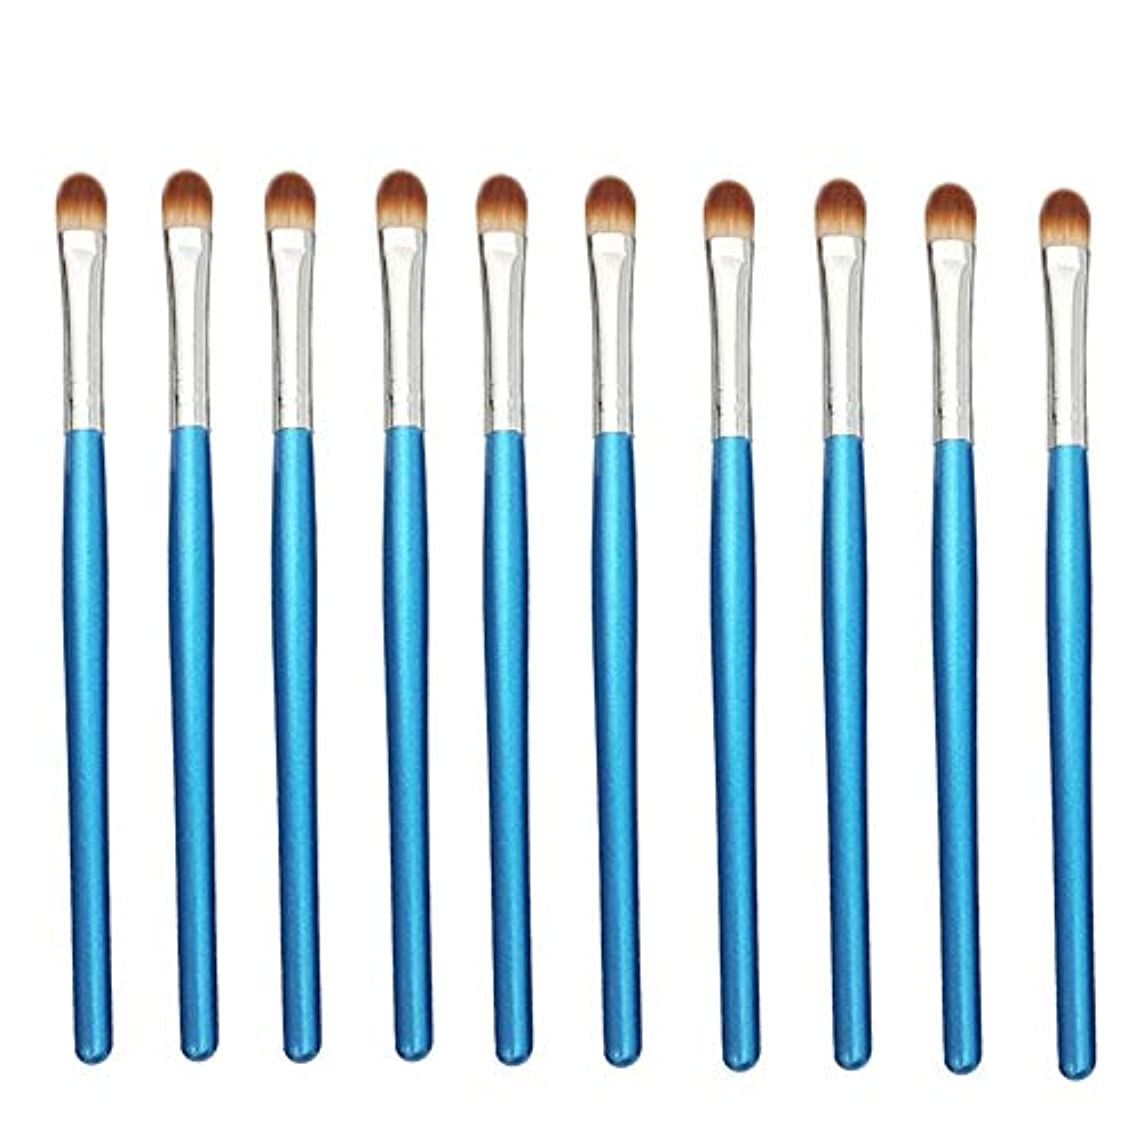 文献混合干渉Makeup brushes 青、初心者および専門家に適したアイシャドウブラシアイメイクブラシ10スティックアイメイクブラシ suits (Color : Blue Silver)